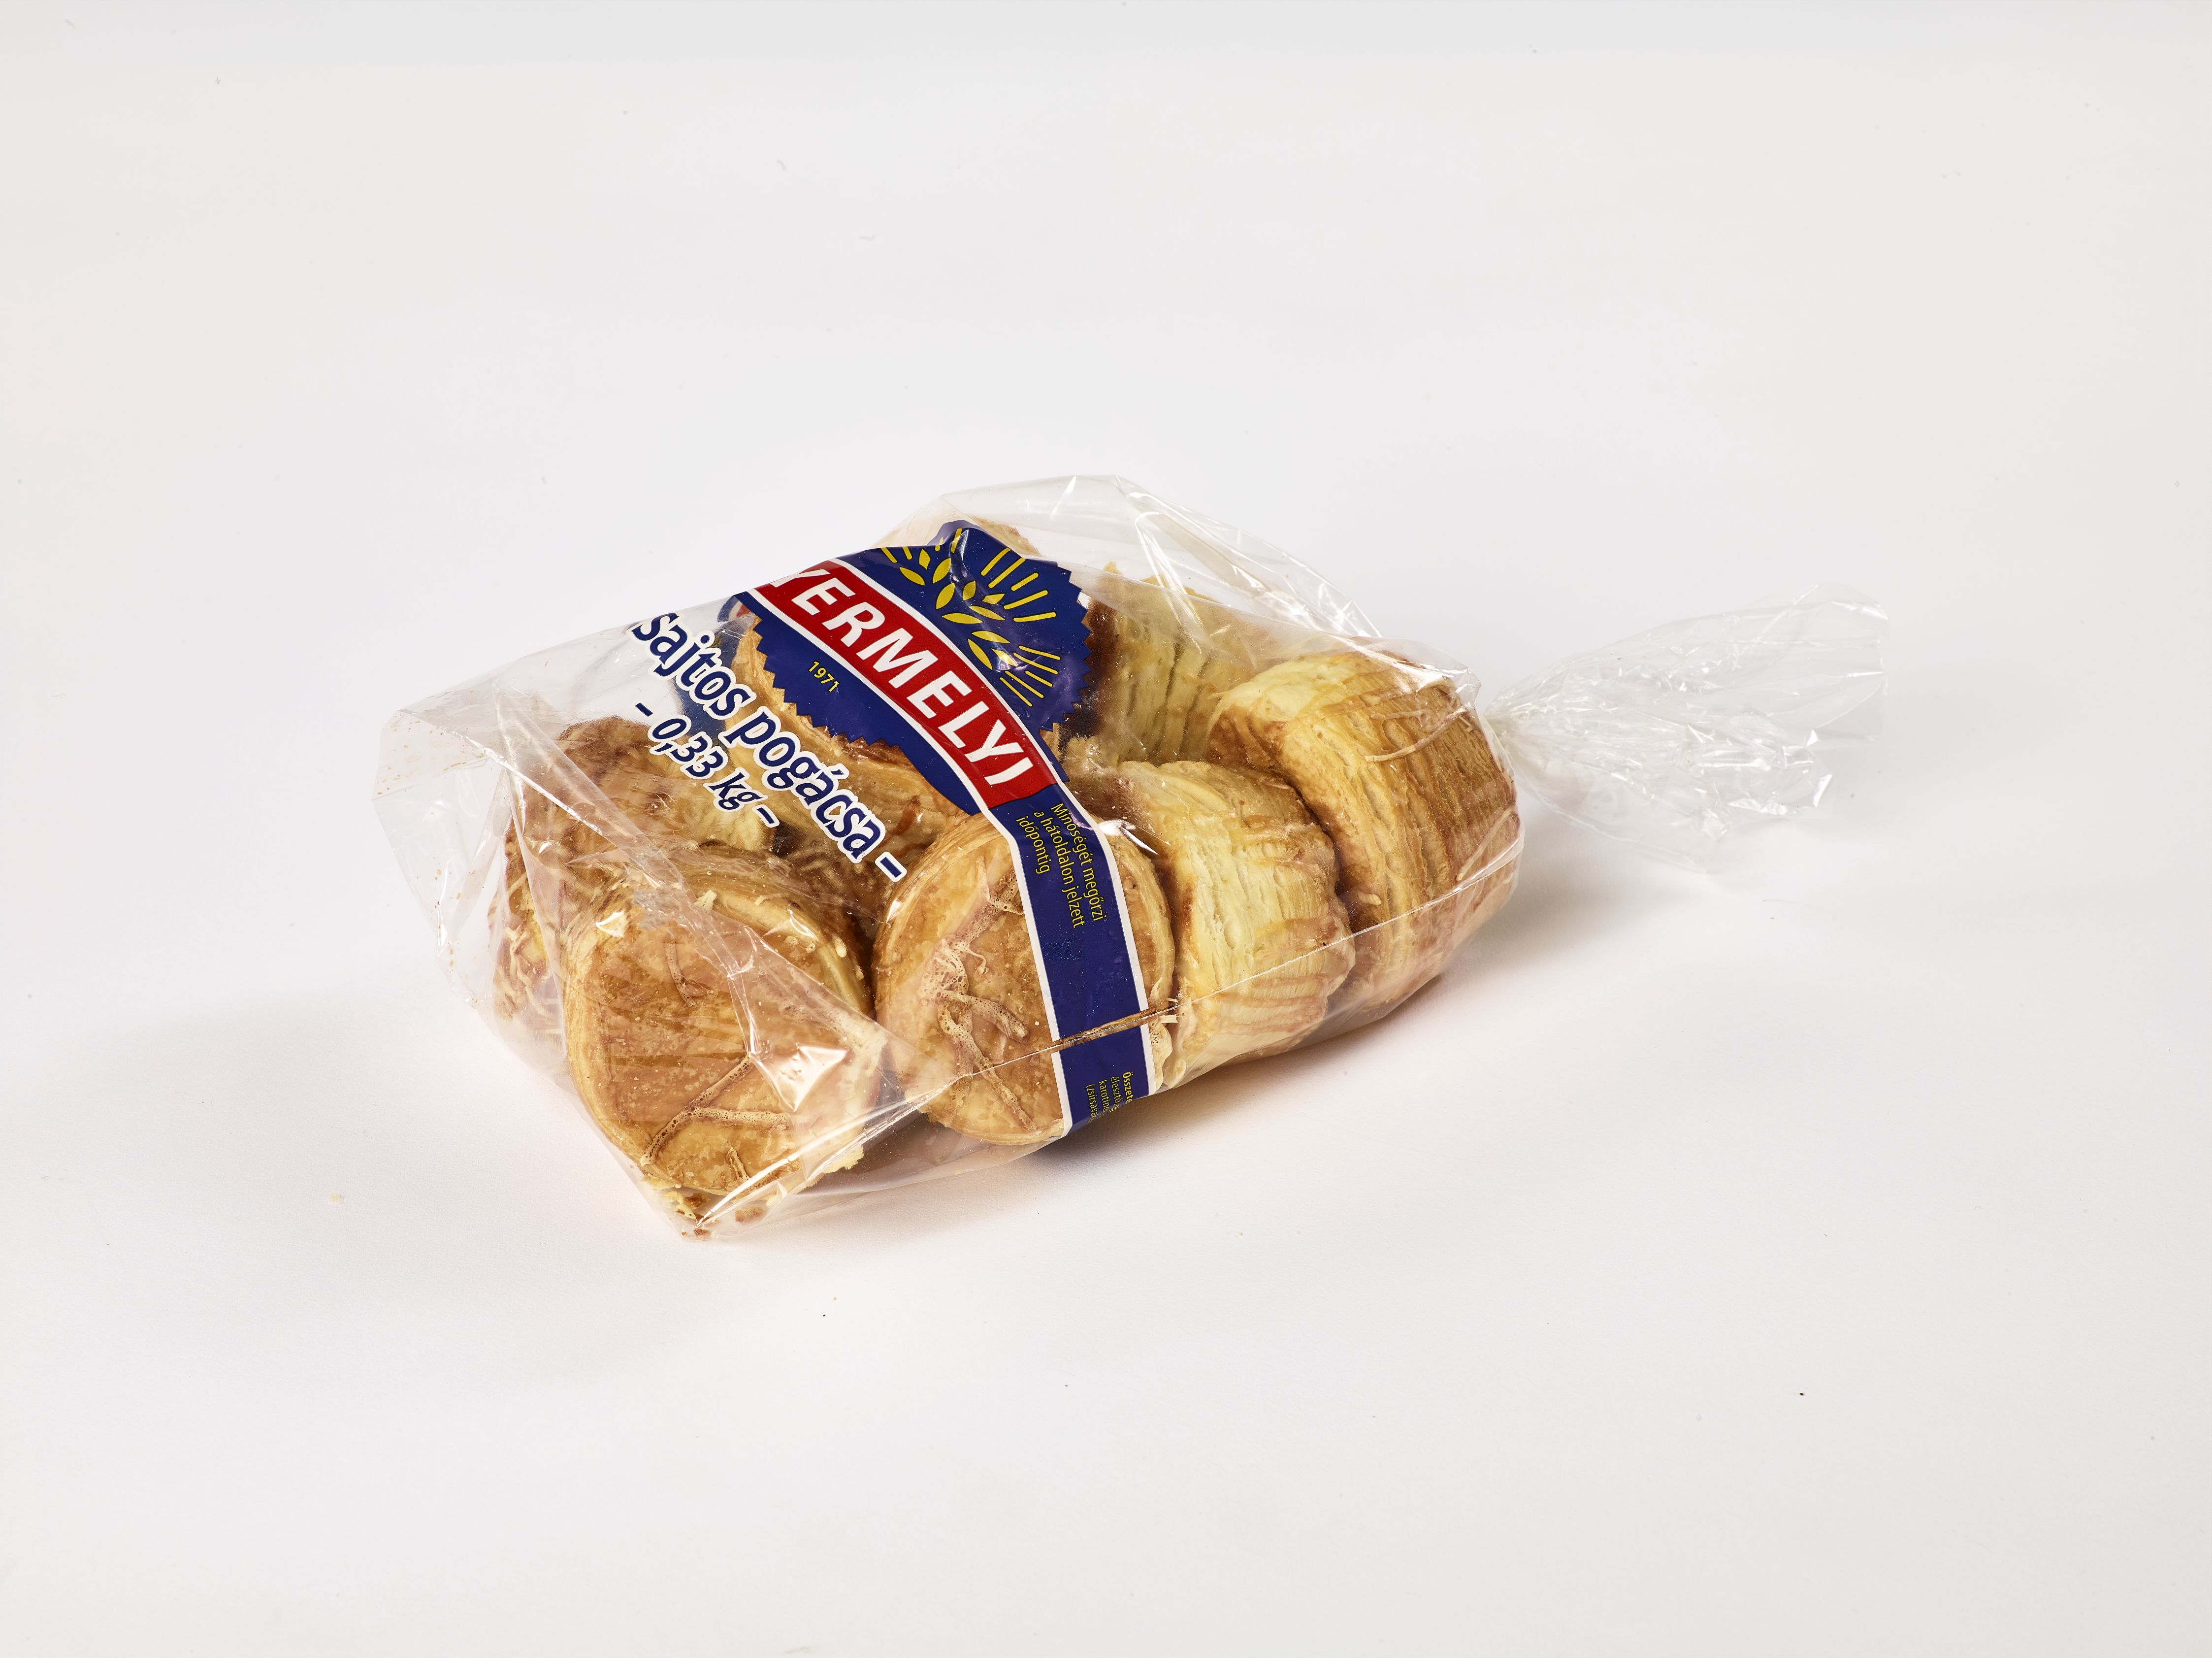 Sajtos pogácsa csomagolt